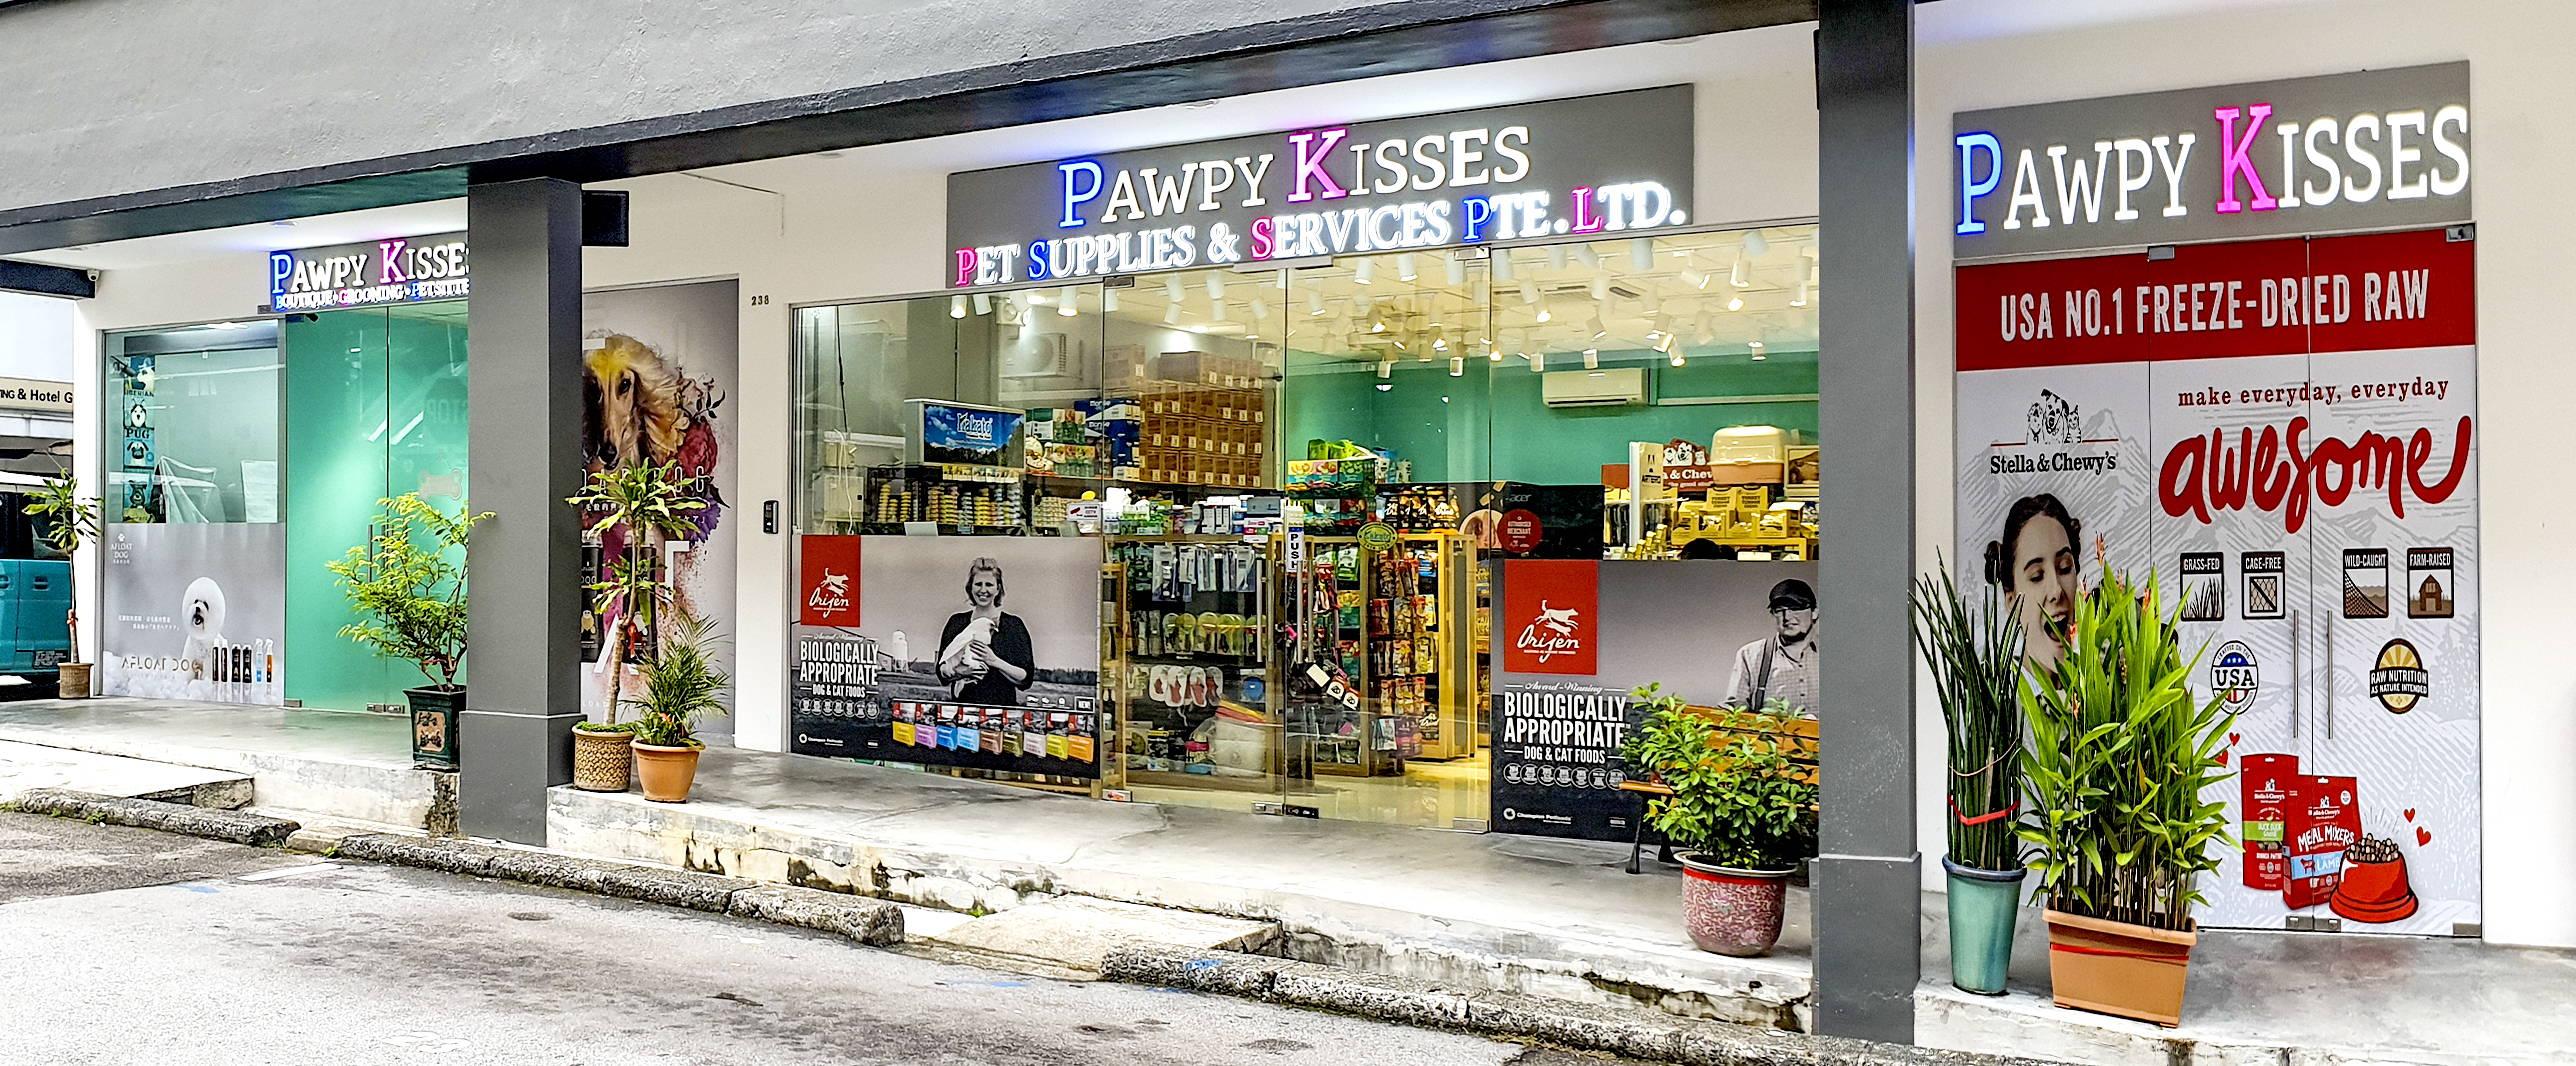 pawpy kisses pet supplies & services exterior photo